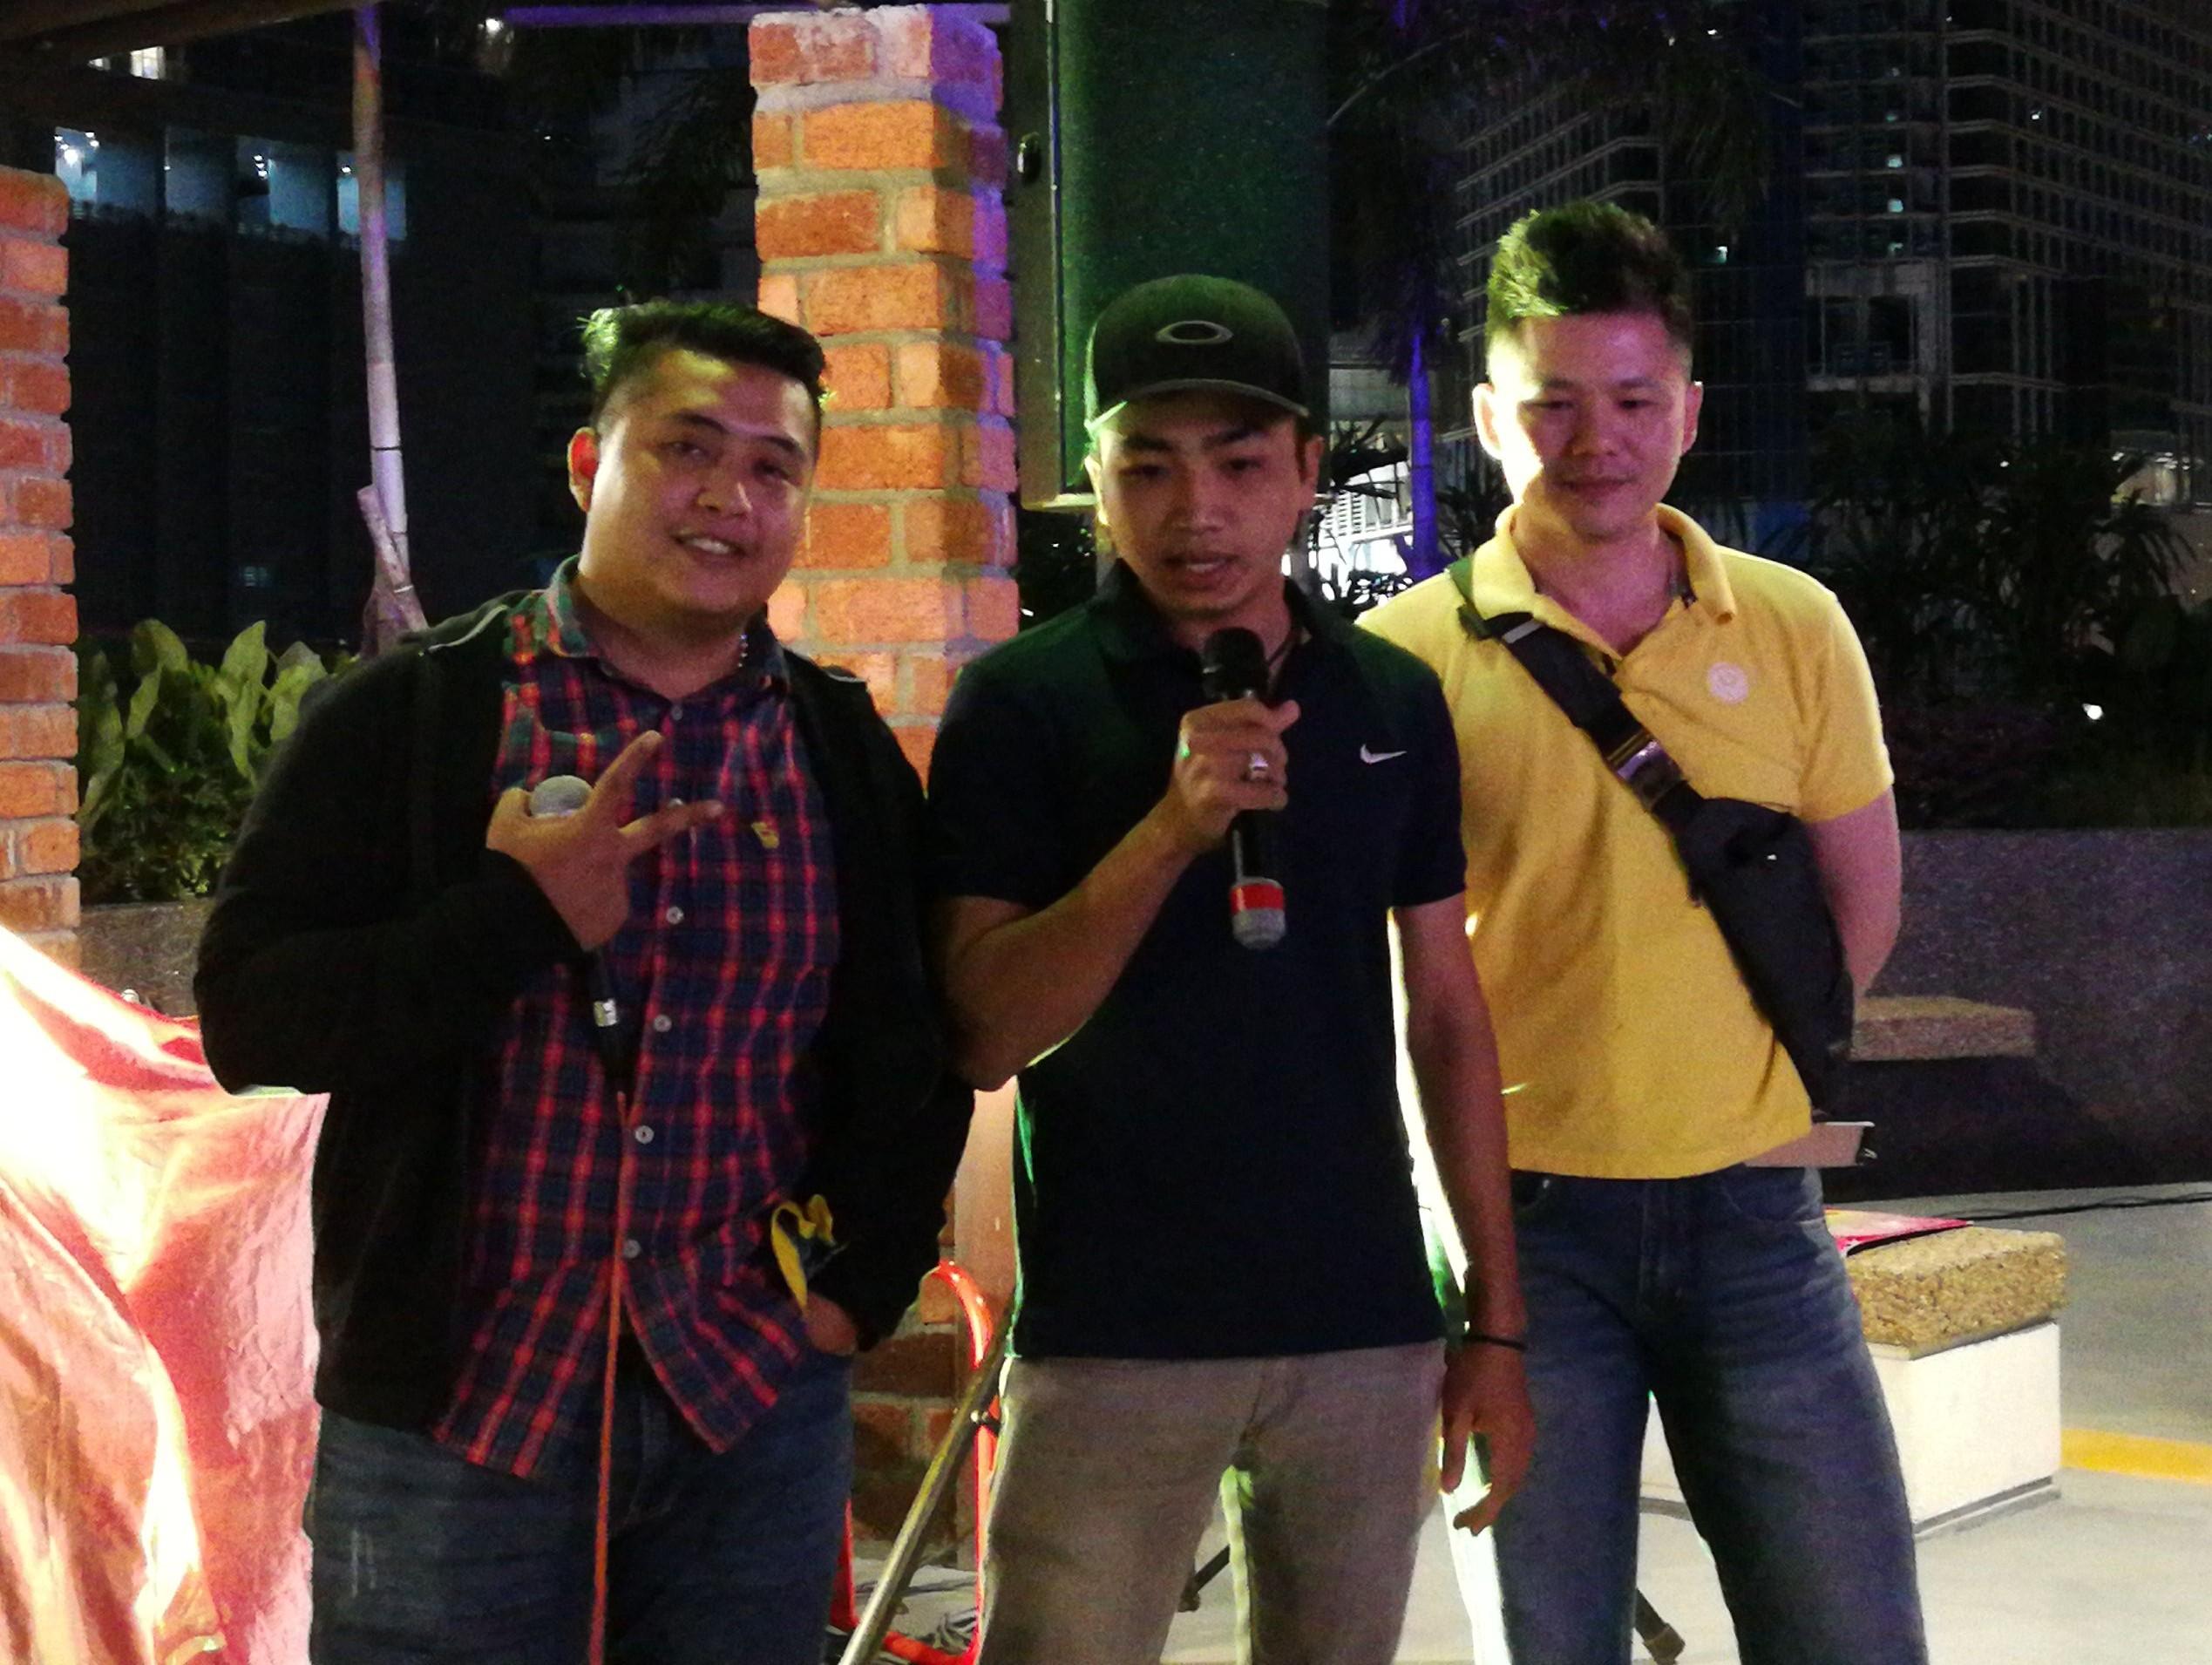 Staff presented karaoke song